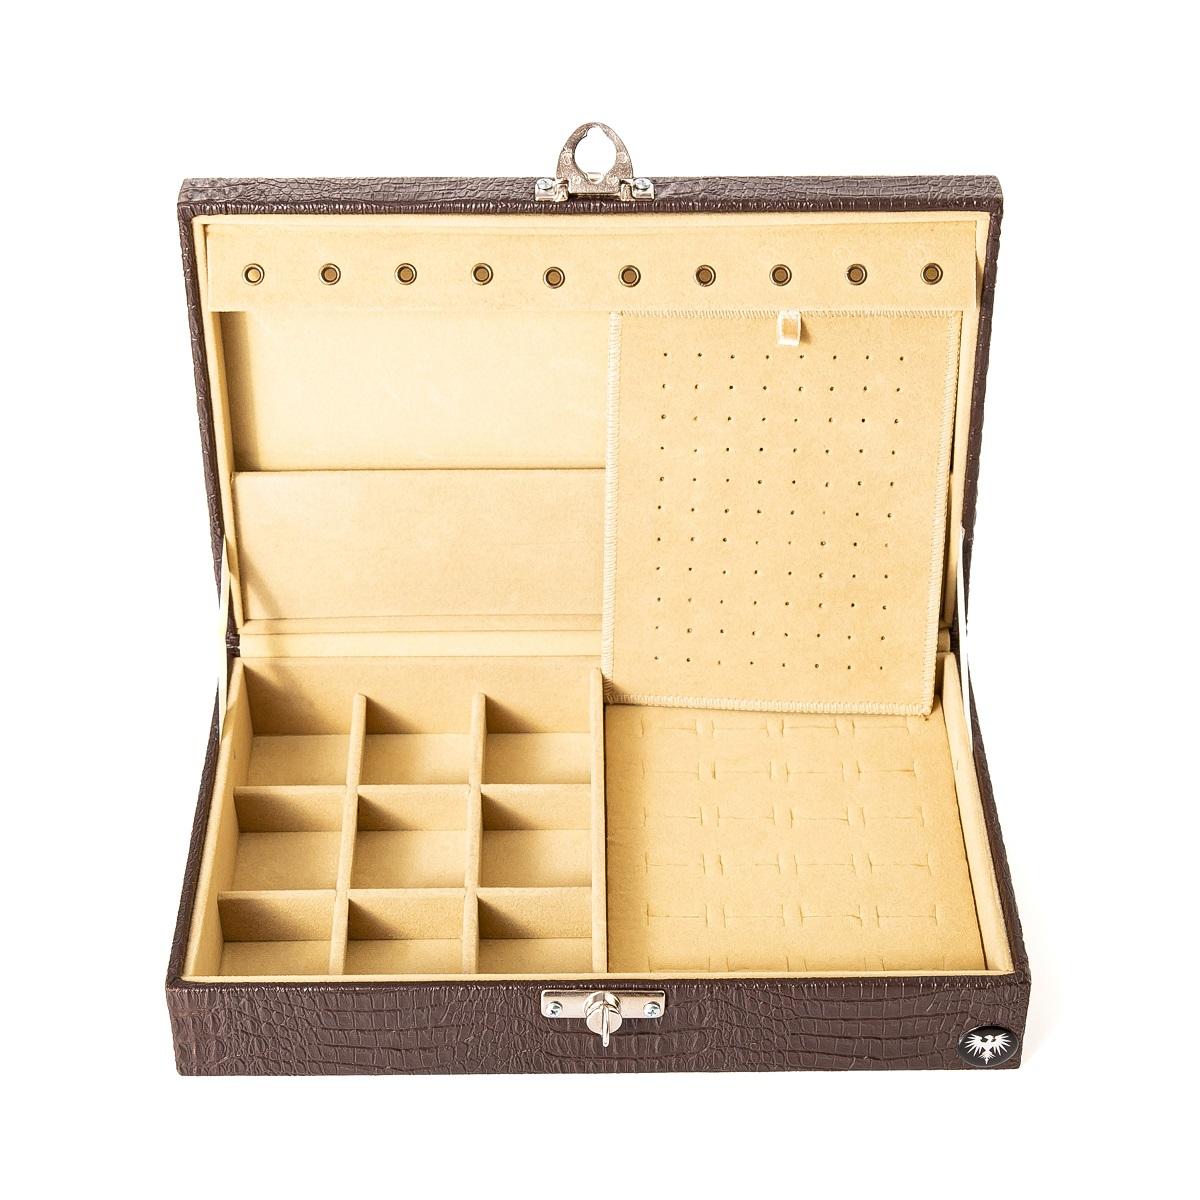 caixa-porta-joias-couro-ecologico-pequeno-marrom-bege-imagem-3.jpg